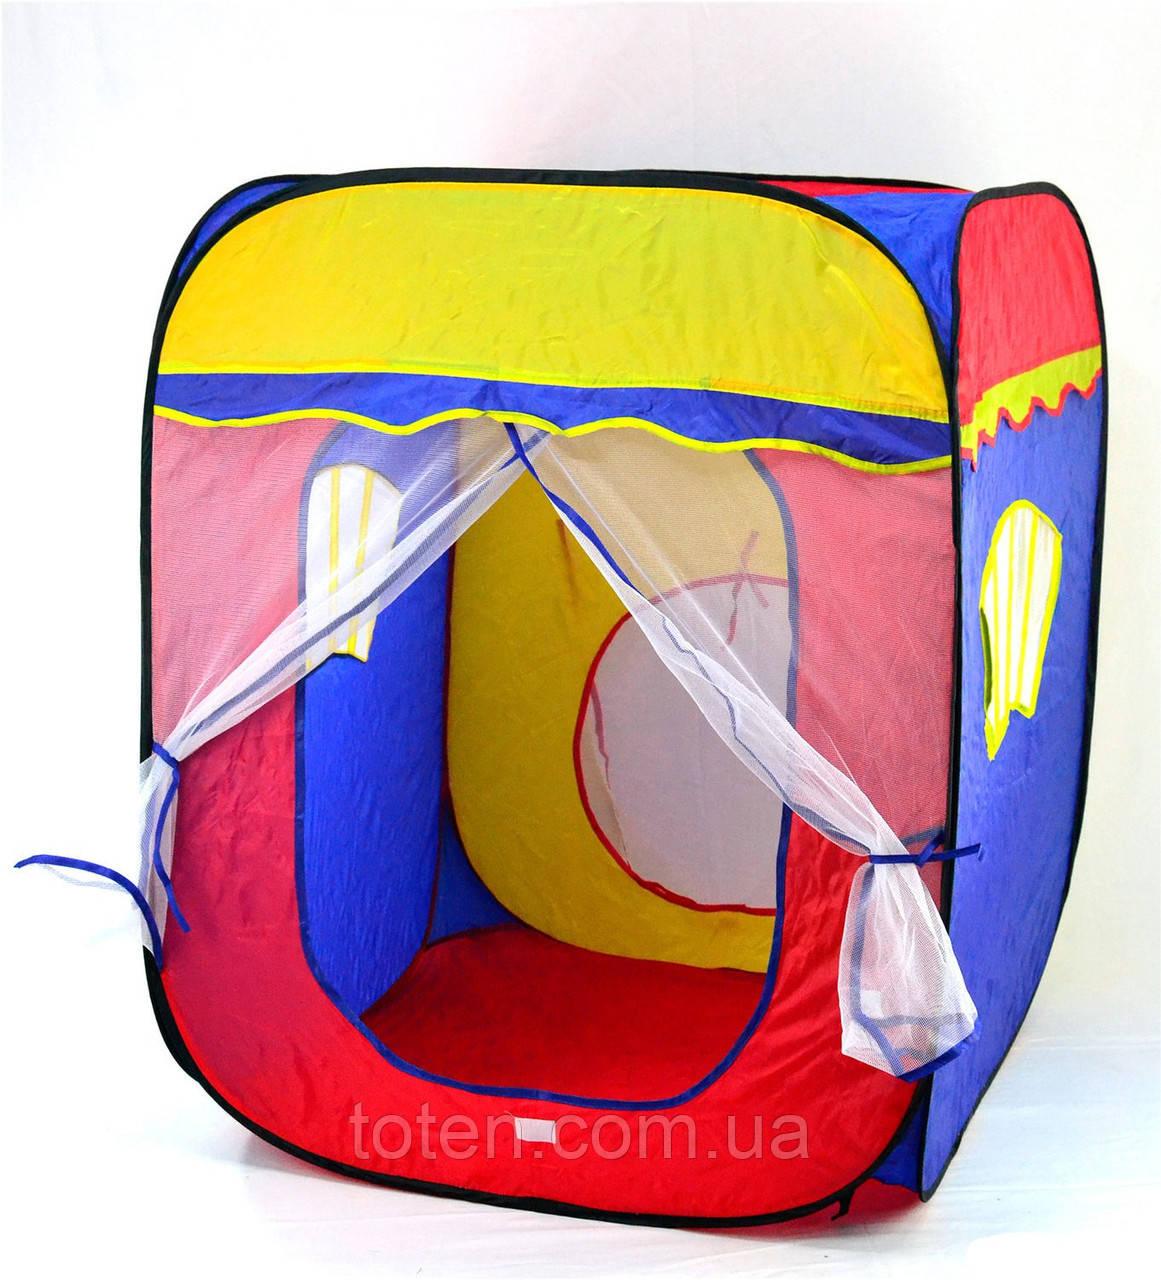 Детская игровая палатка Карета 3003 большая